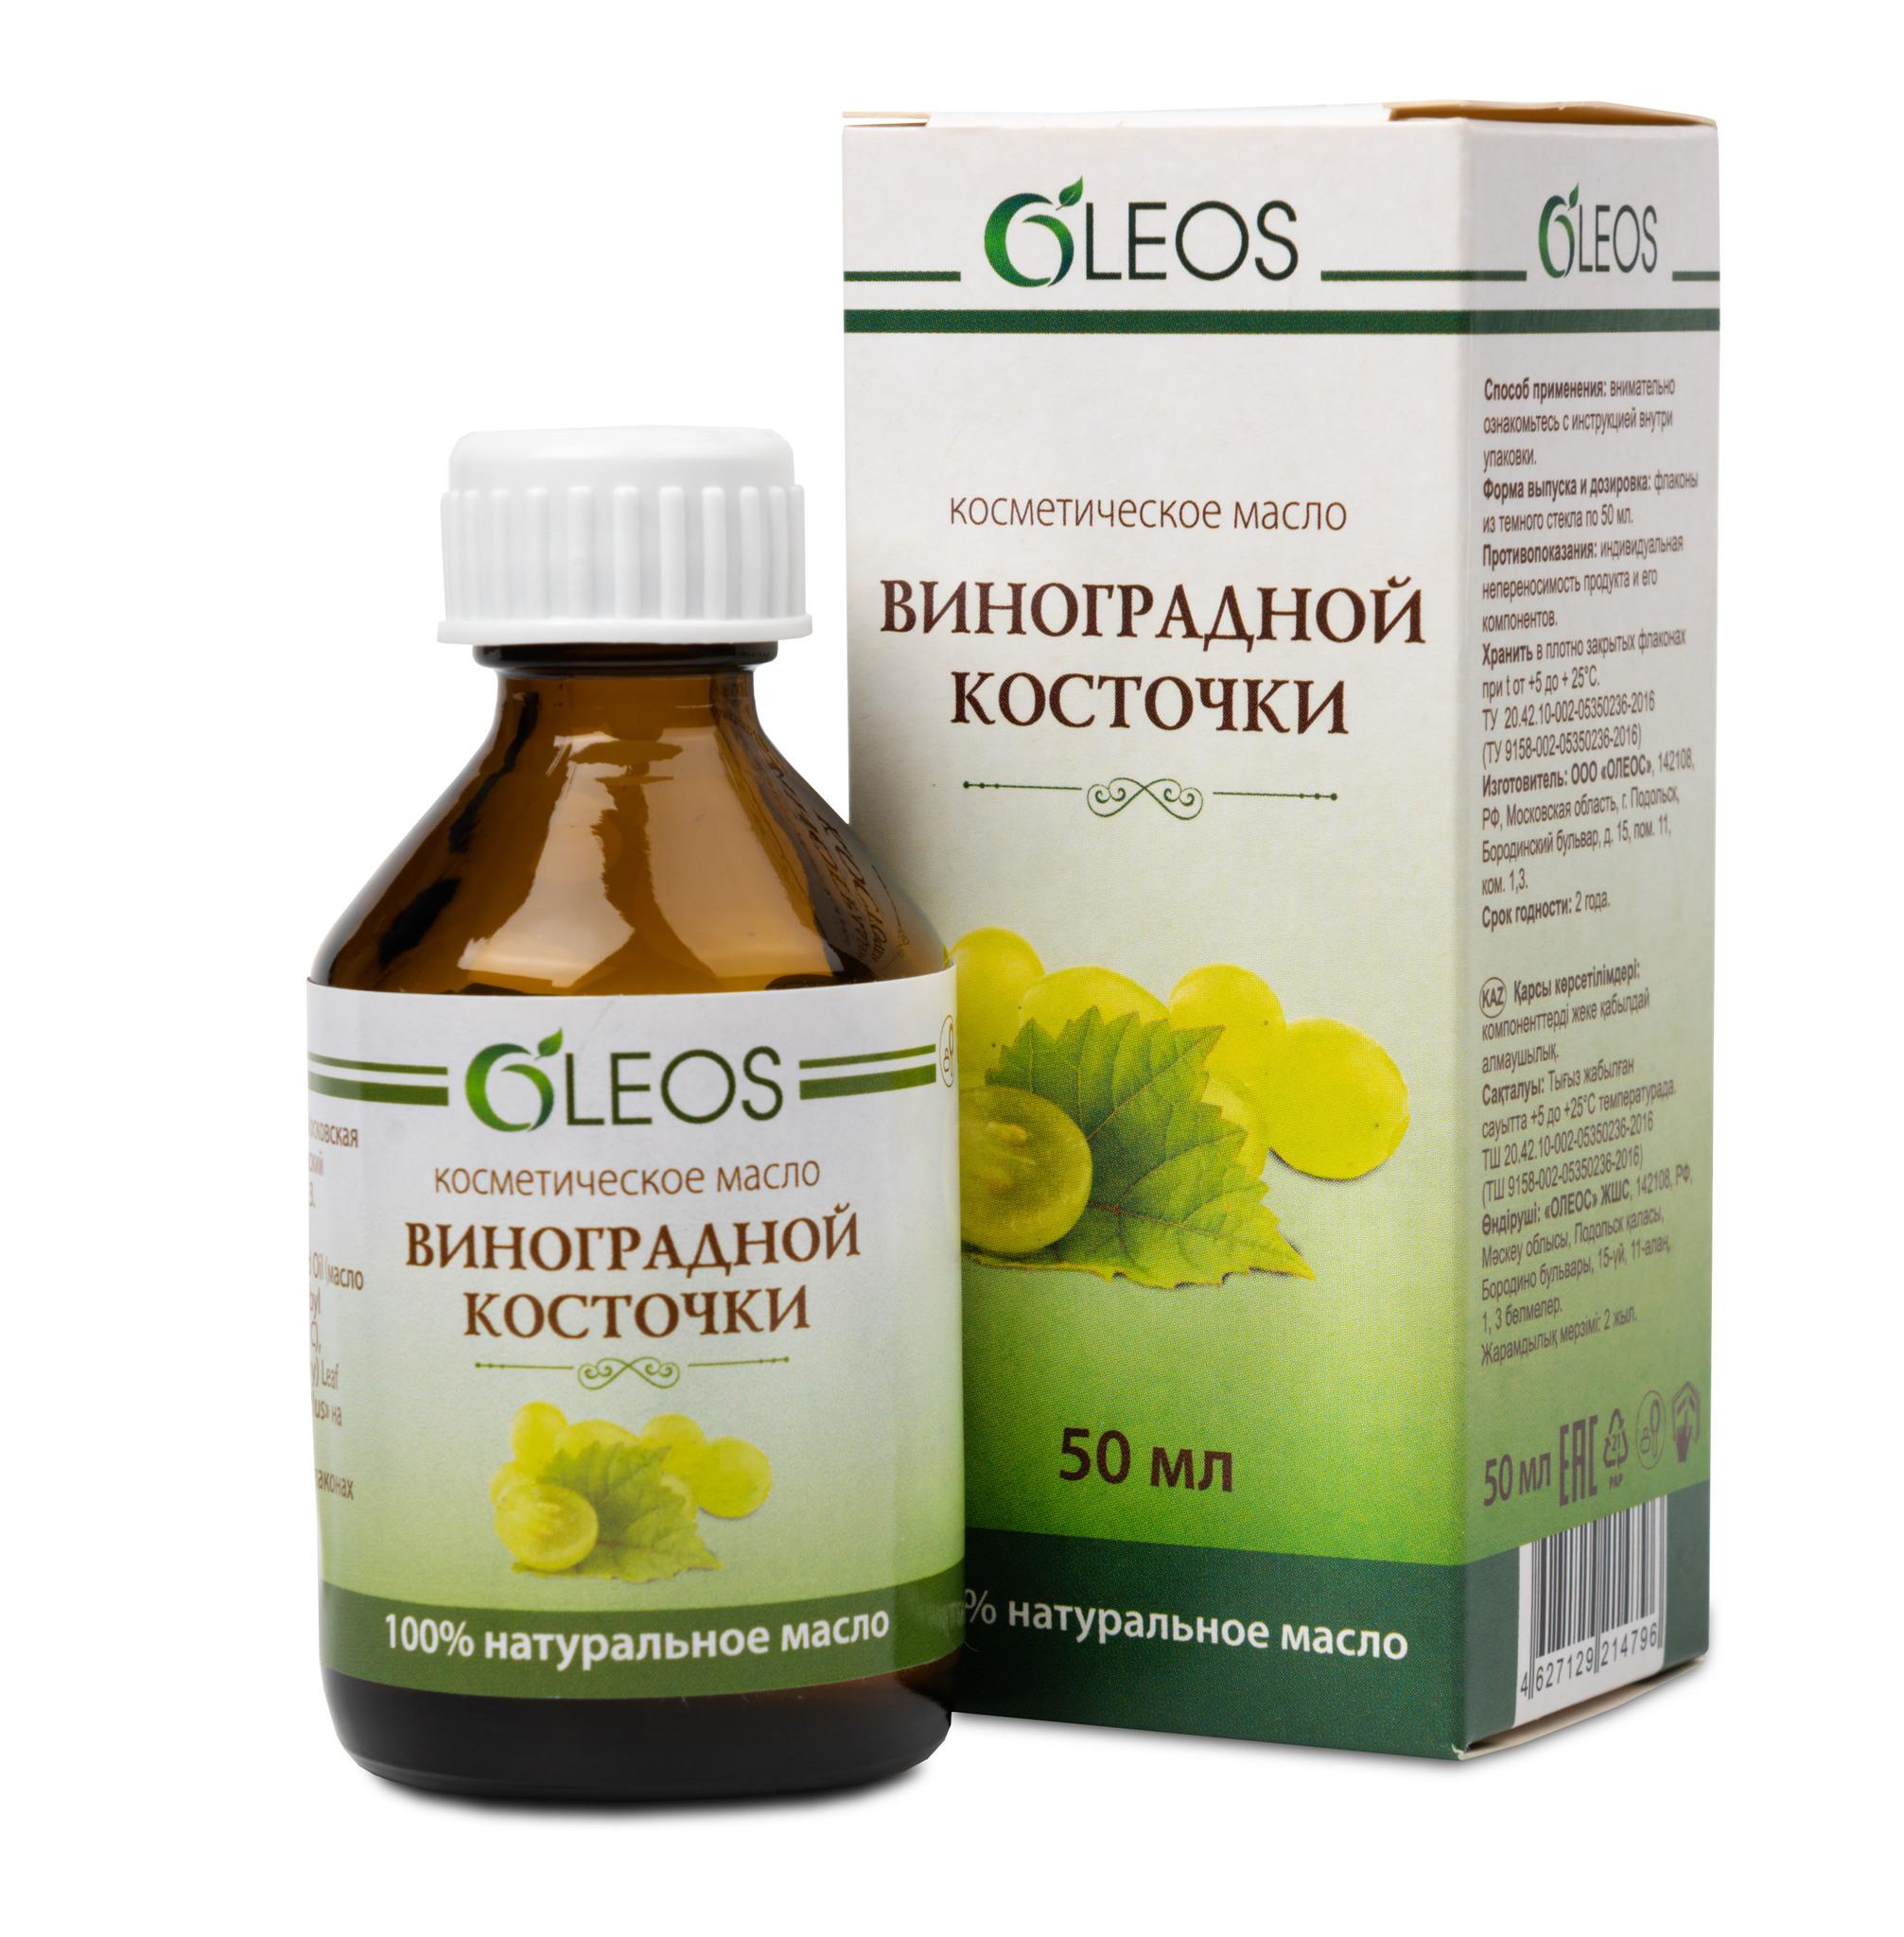 Косметическое масло Виноградной косточки Oleos